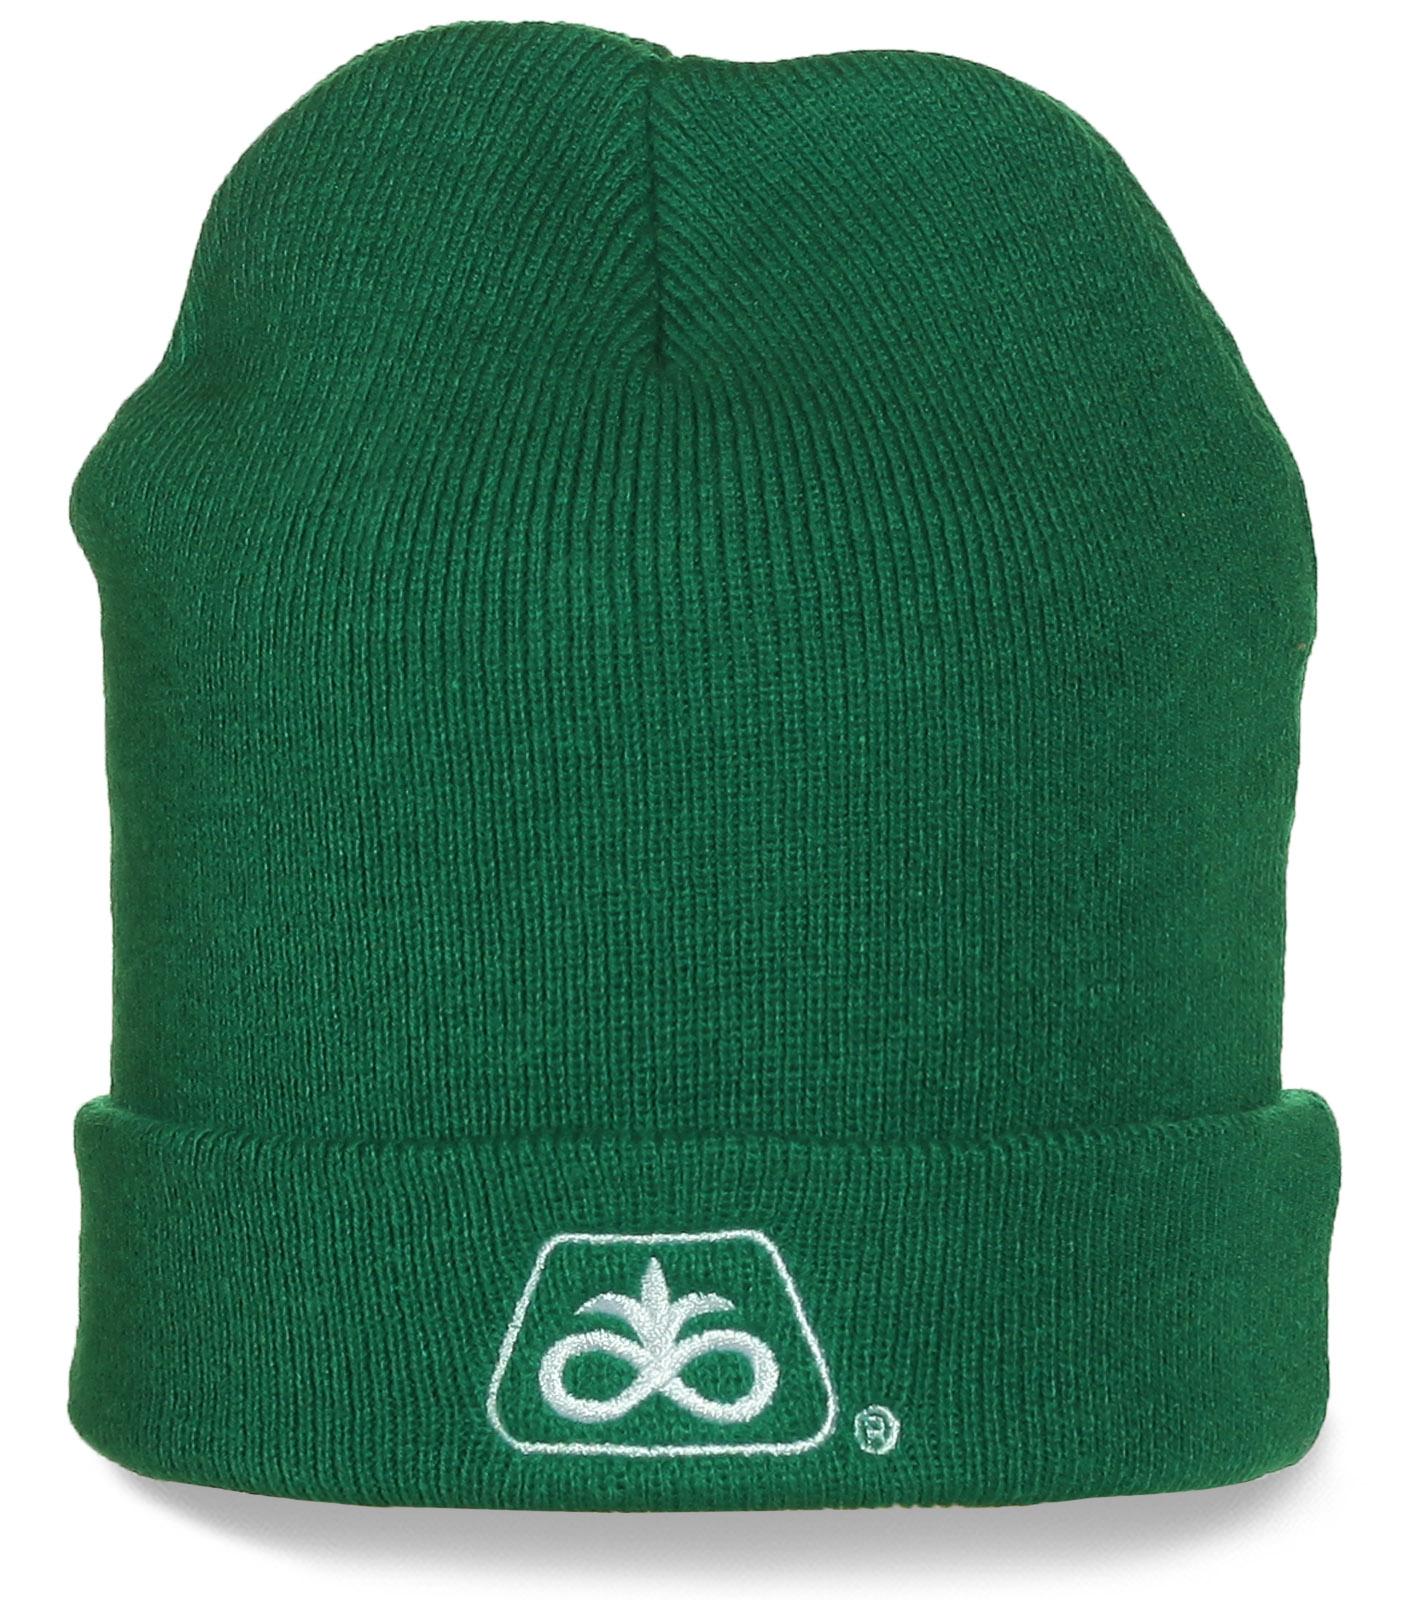 Однотонная шапка DuPont Pioneer - модная вещь, отличное качество